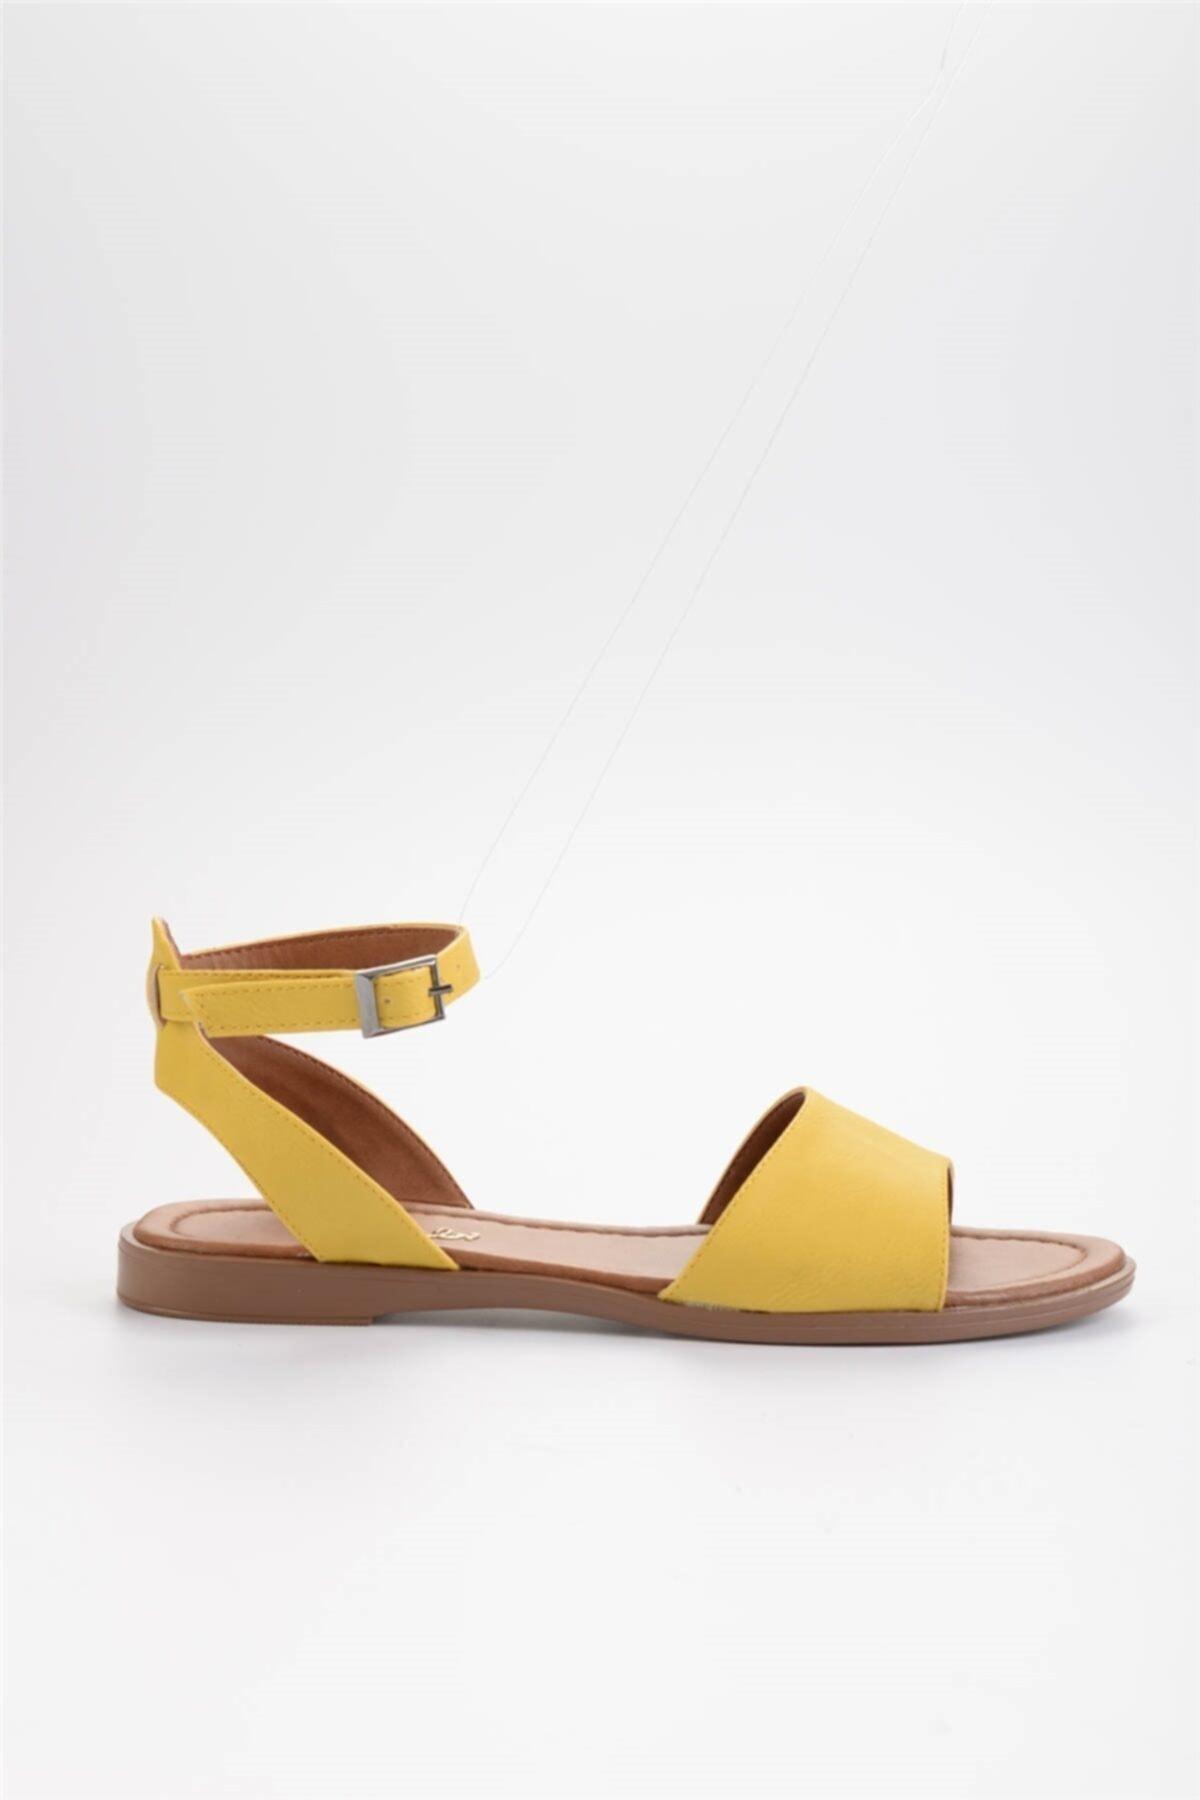 Bambi Sarı Kadın Sandalet L0671404309 2